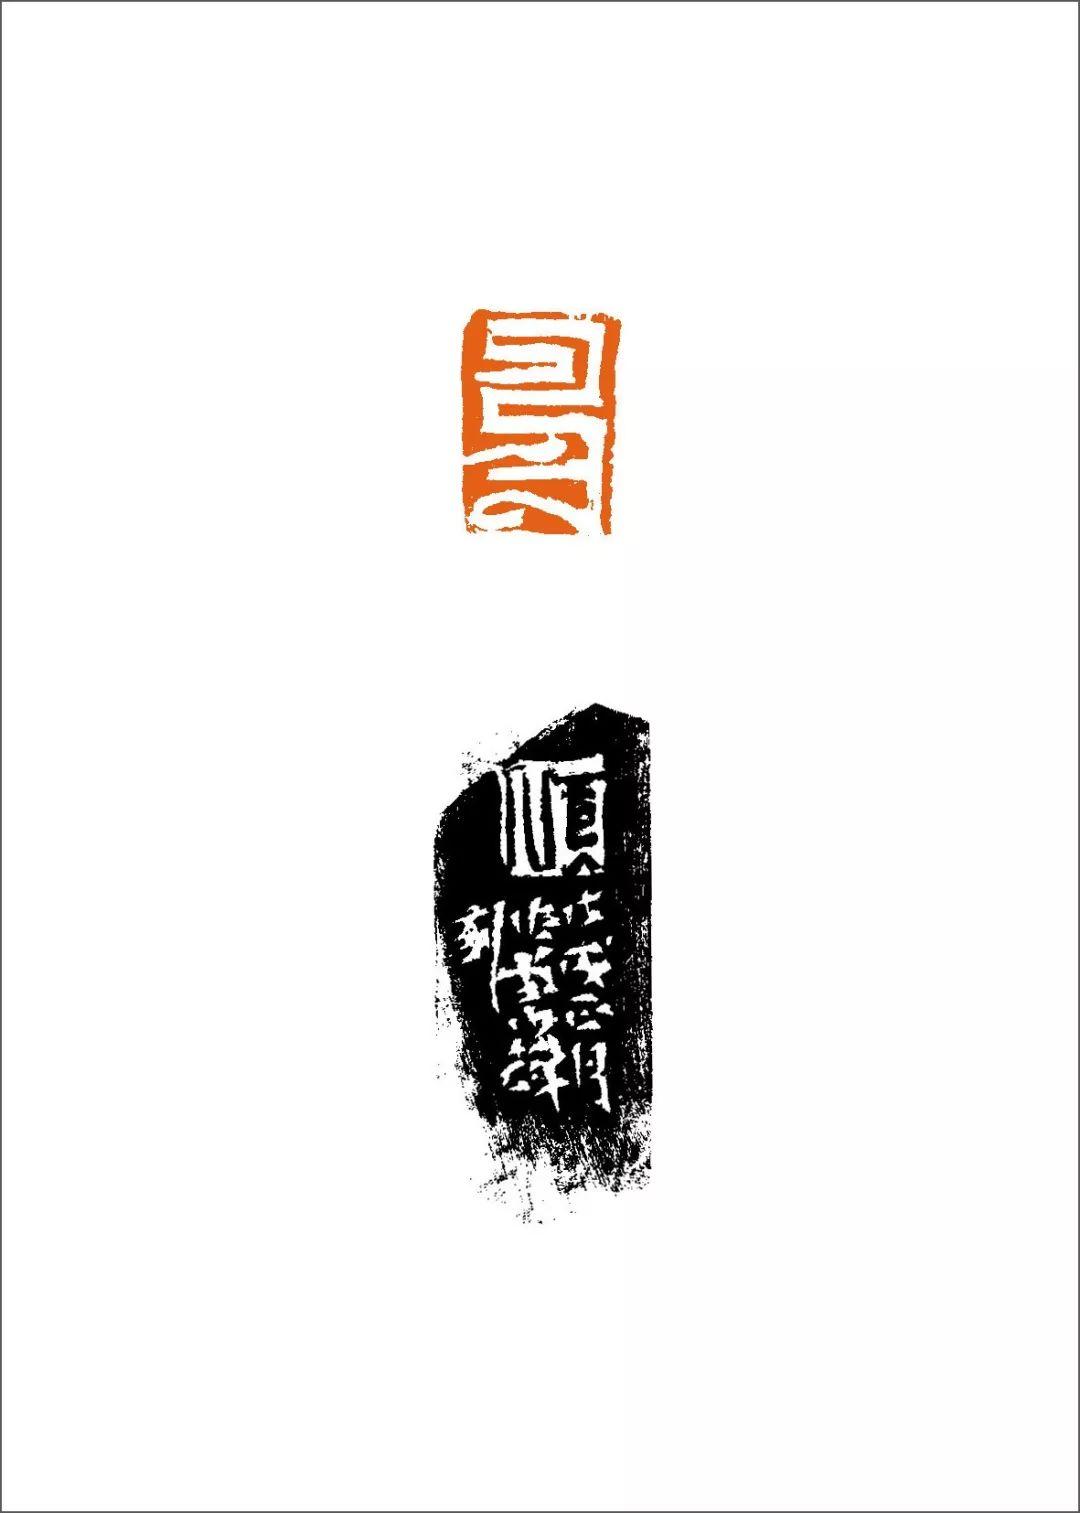 篆刻丛谈:八思巴文篆刻原石赏析 第49张